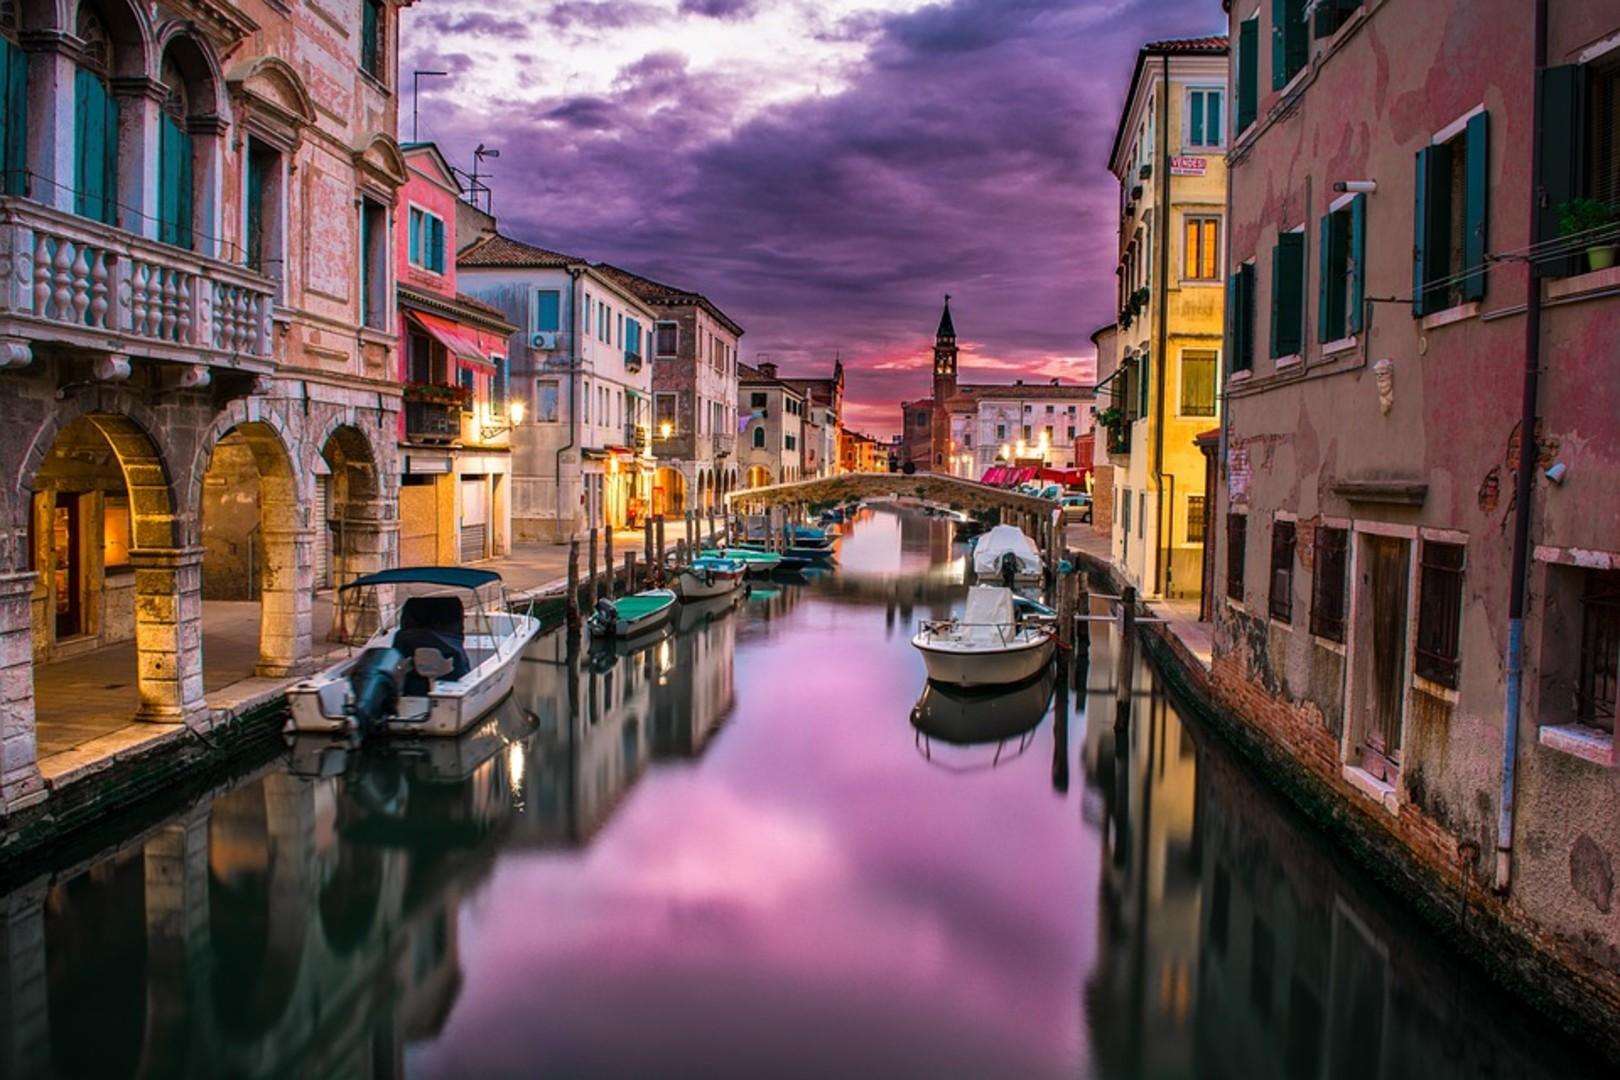 canal-1209808_960_720.jpg